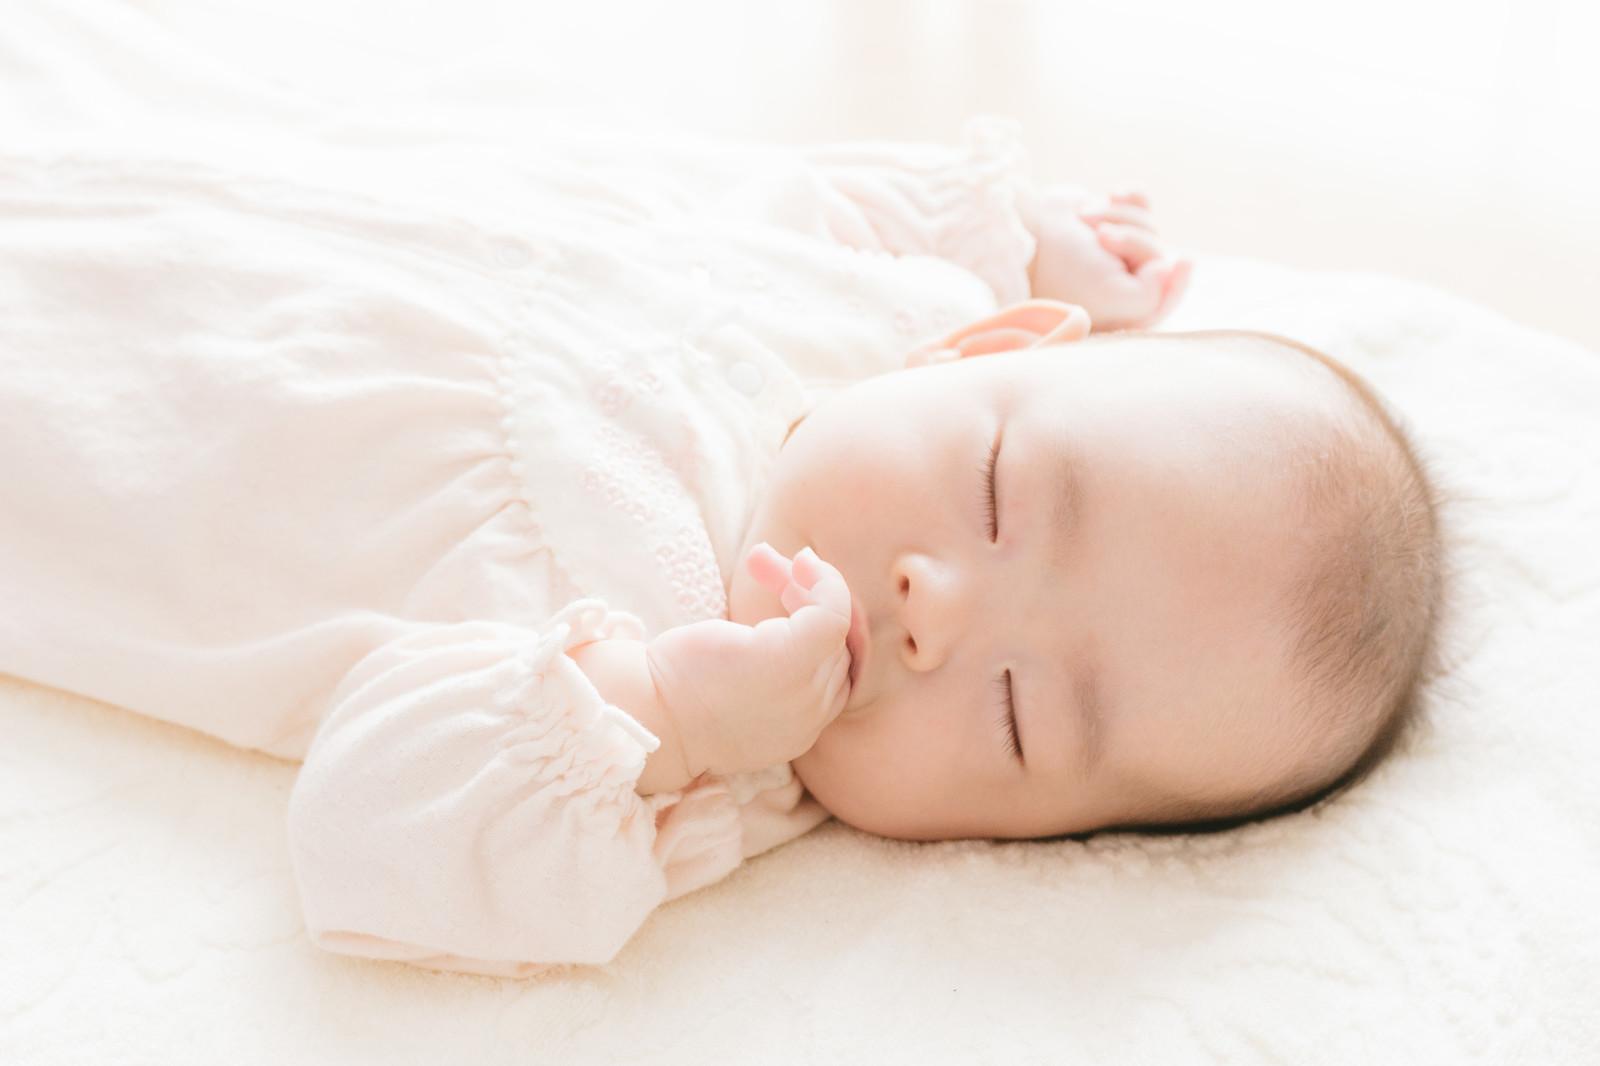 冬に赤ちゃんが寝るときの寒さ対策アイテム!服装・寝具・部屋の温湿度はどうする?